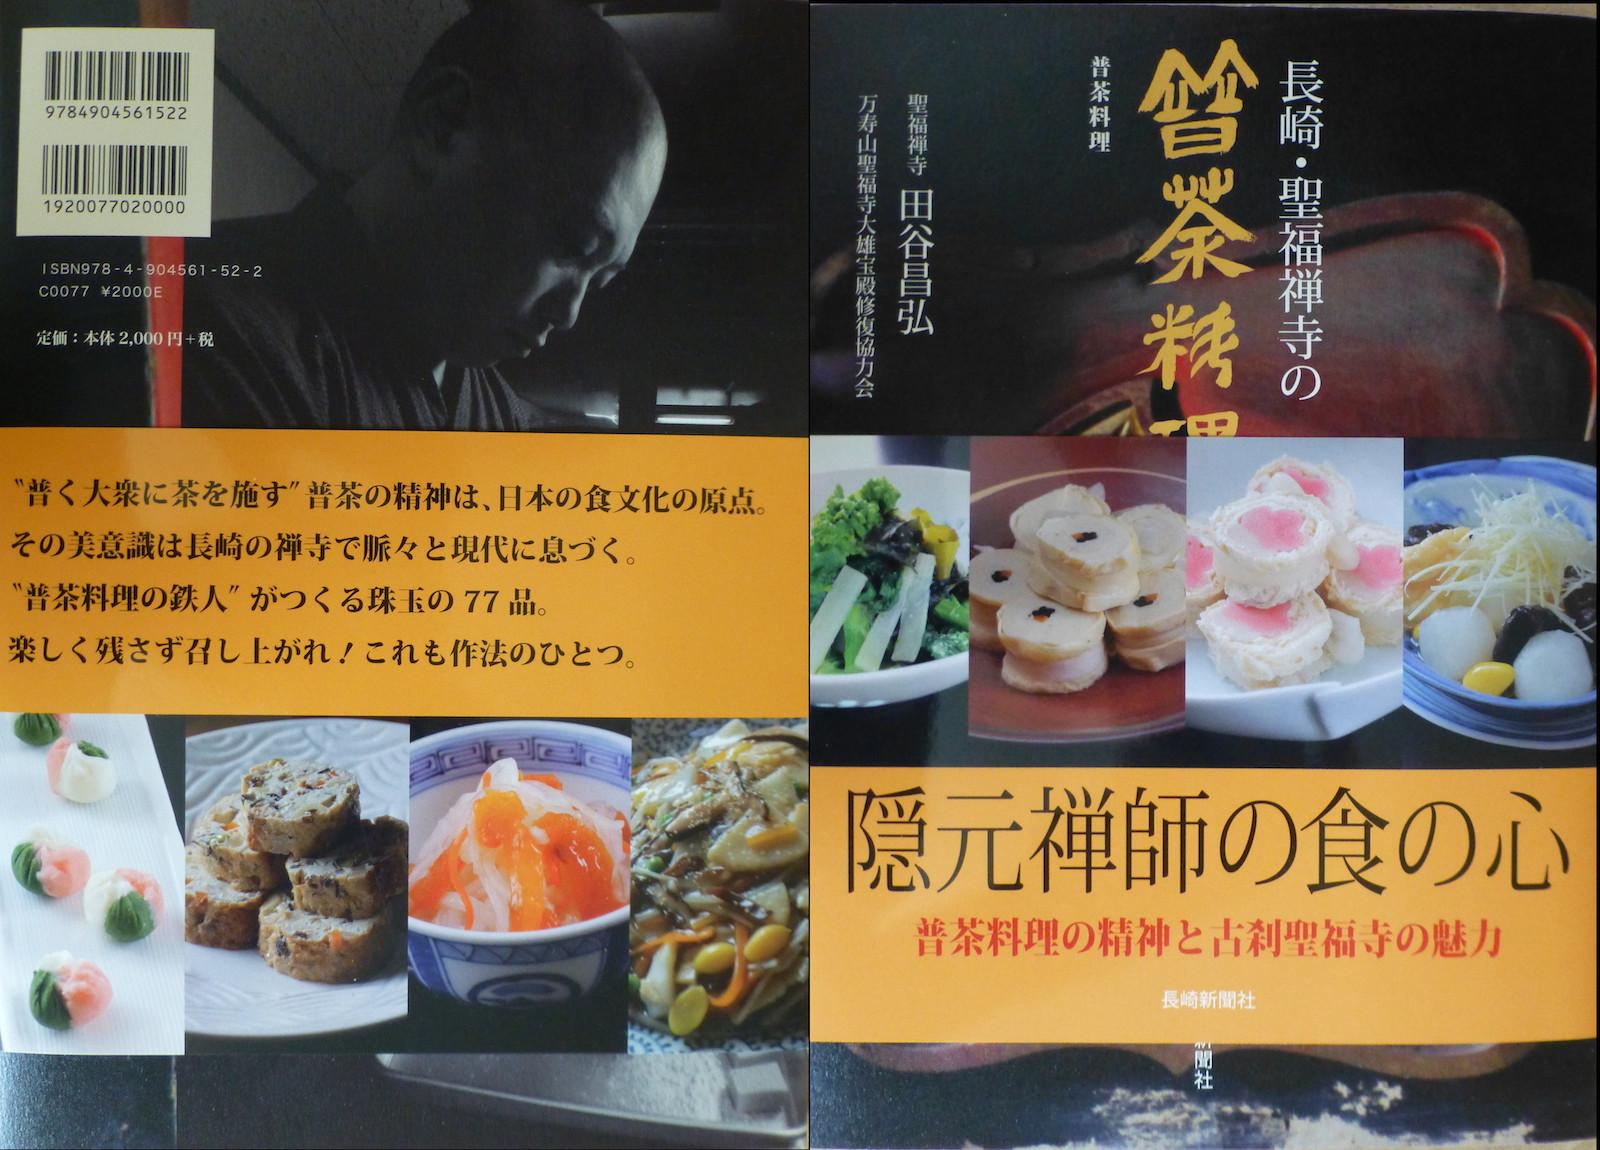 Zen temple cookbook